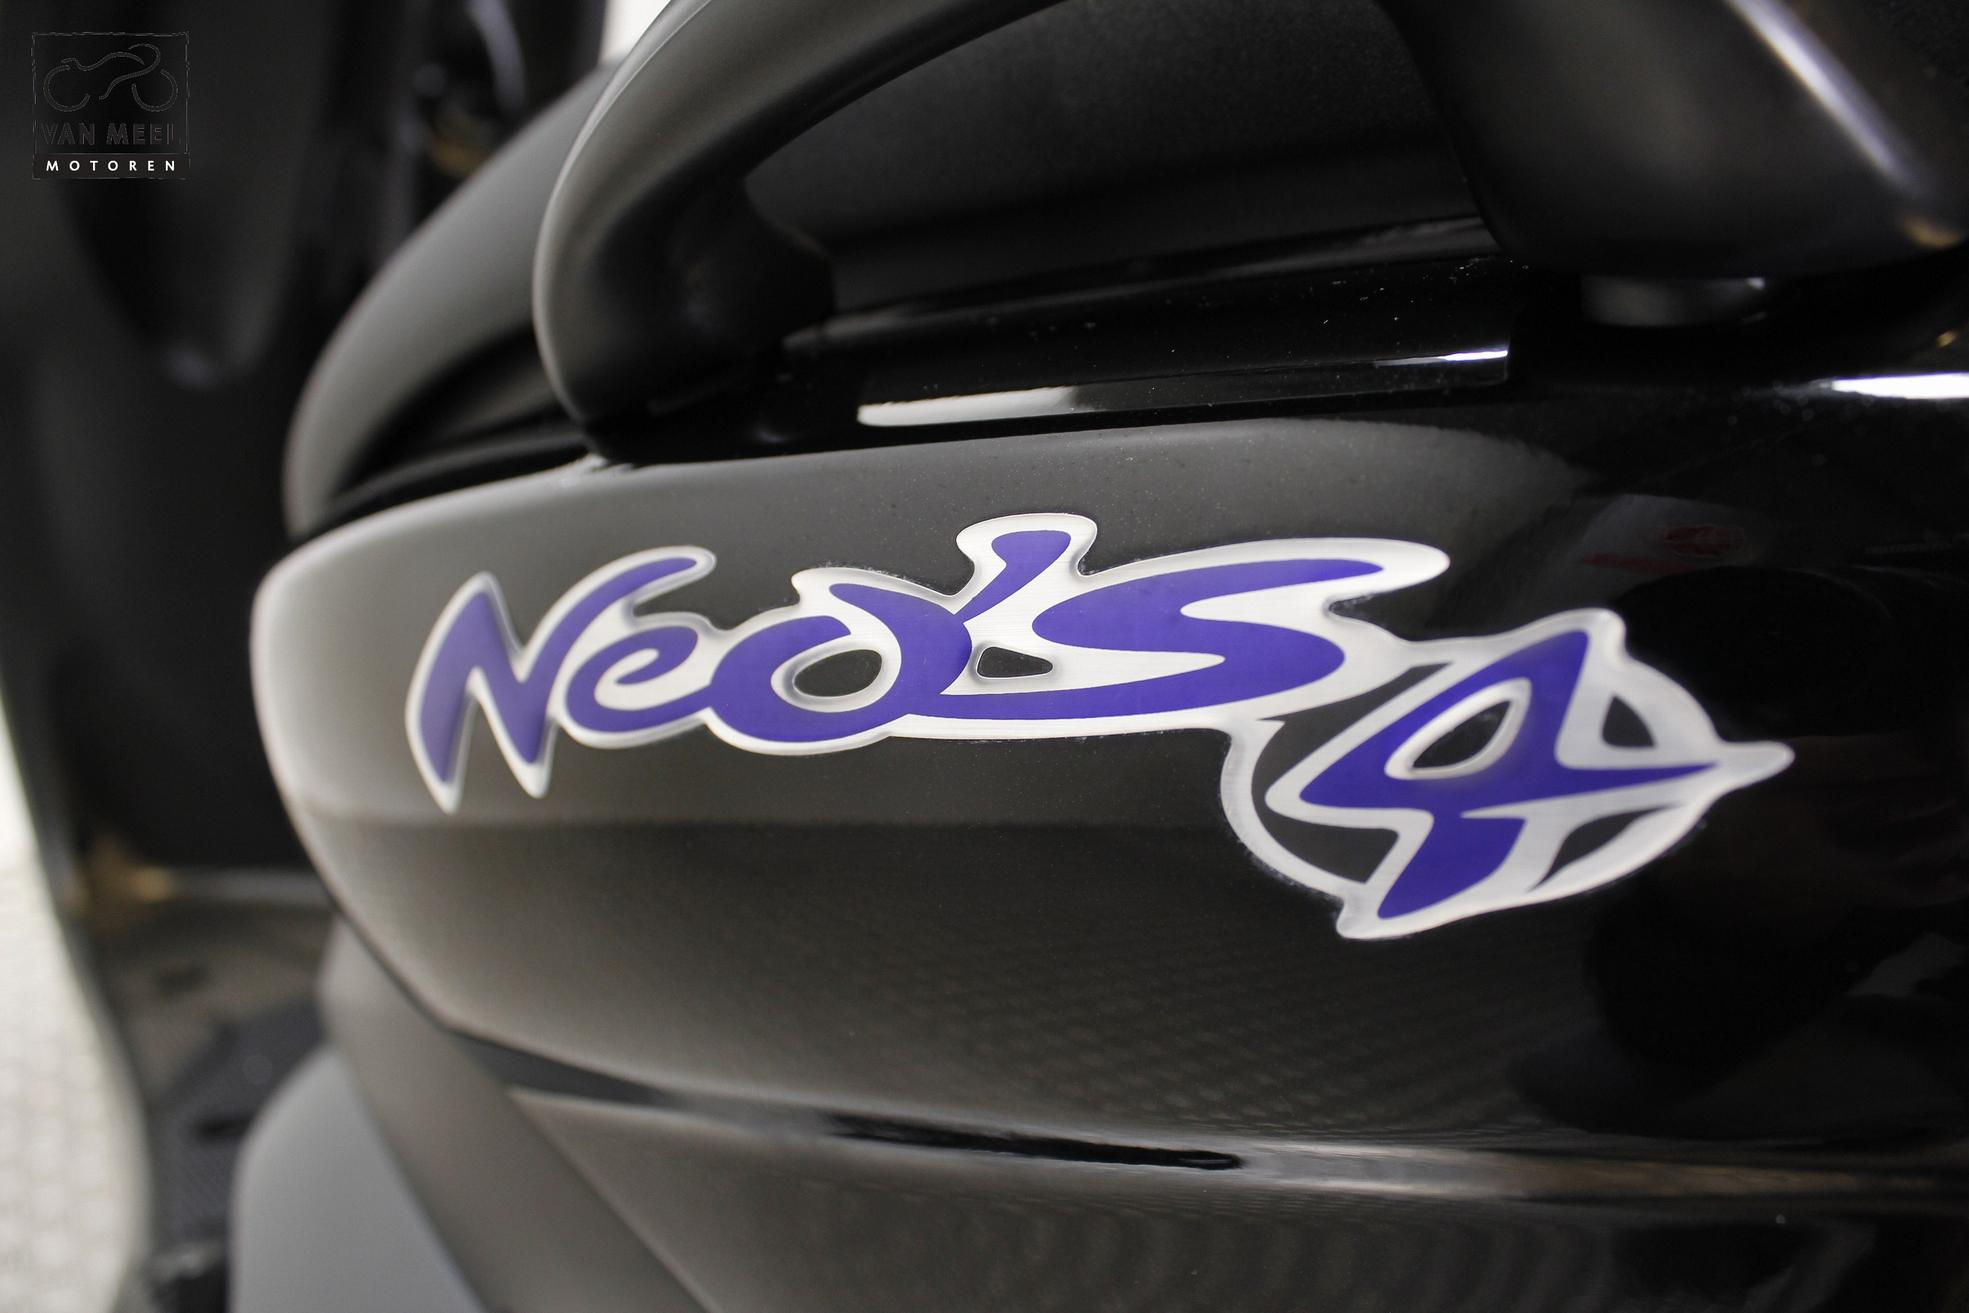 YAMAHA YN 50 F Neo's